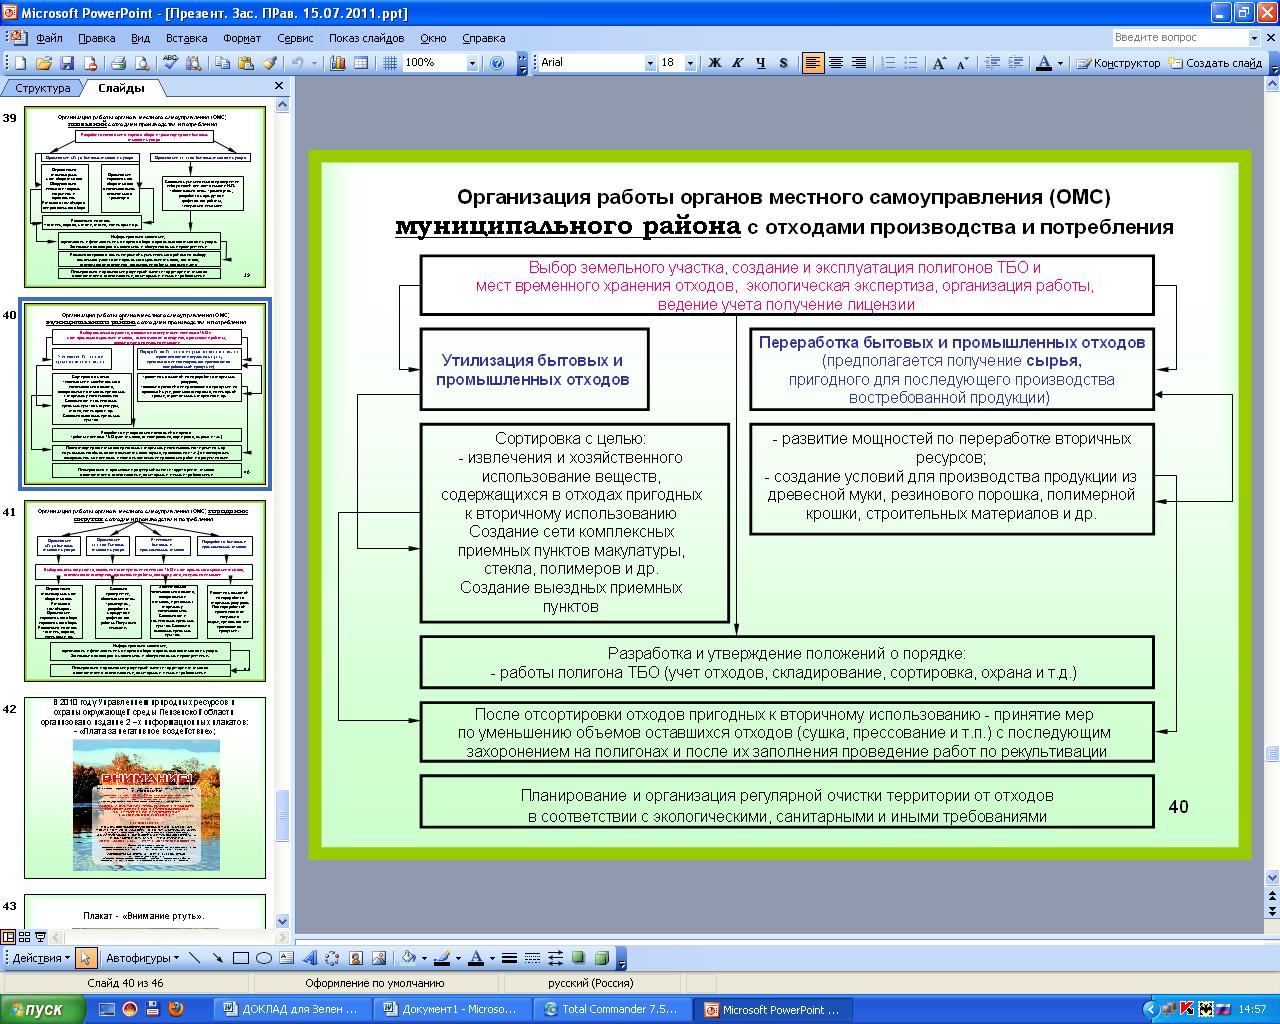 Модель территориальной схемы обращения с отходами